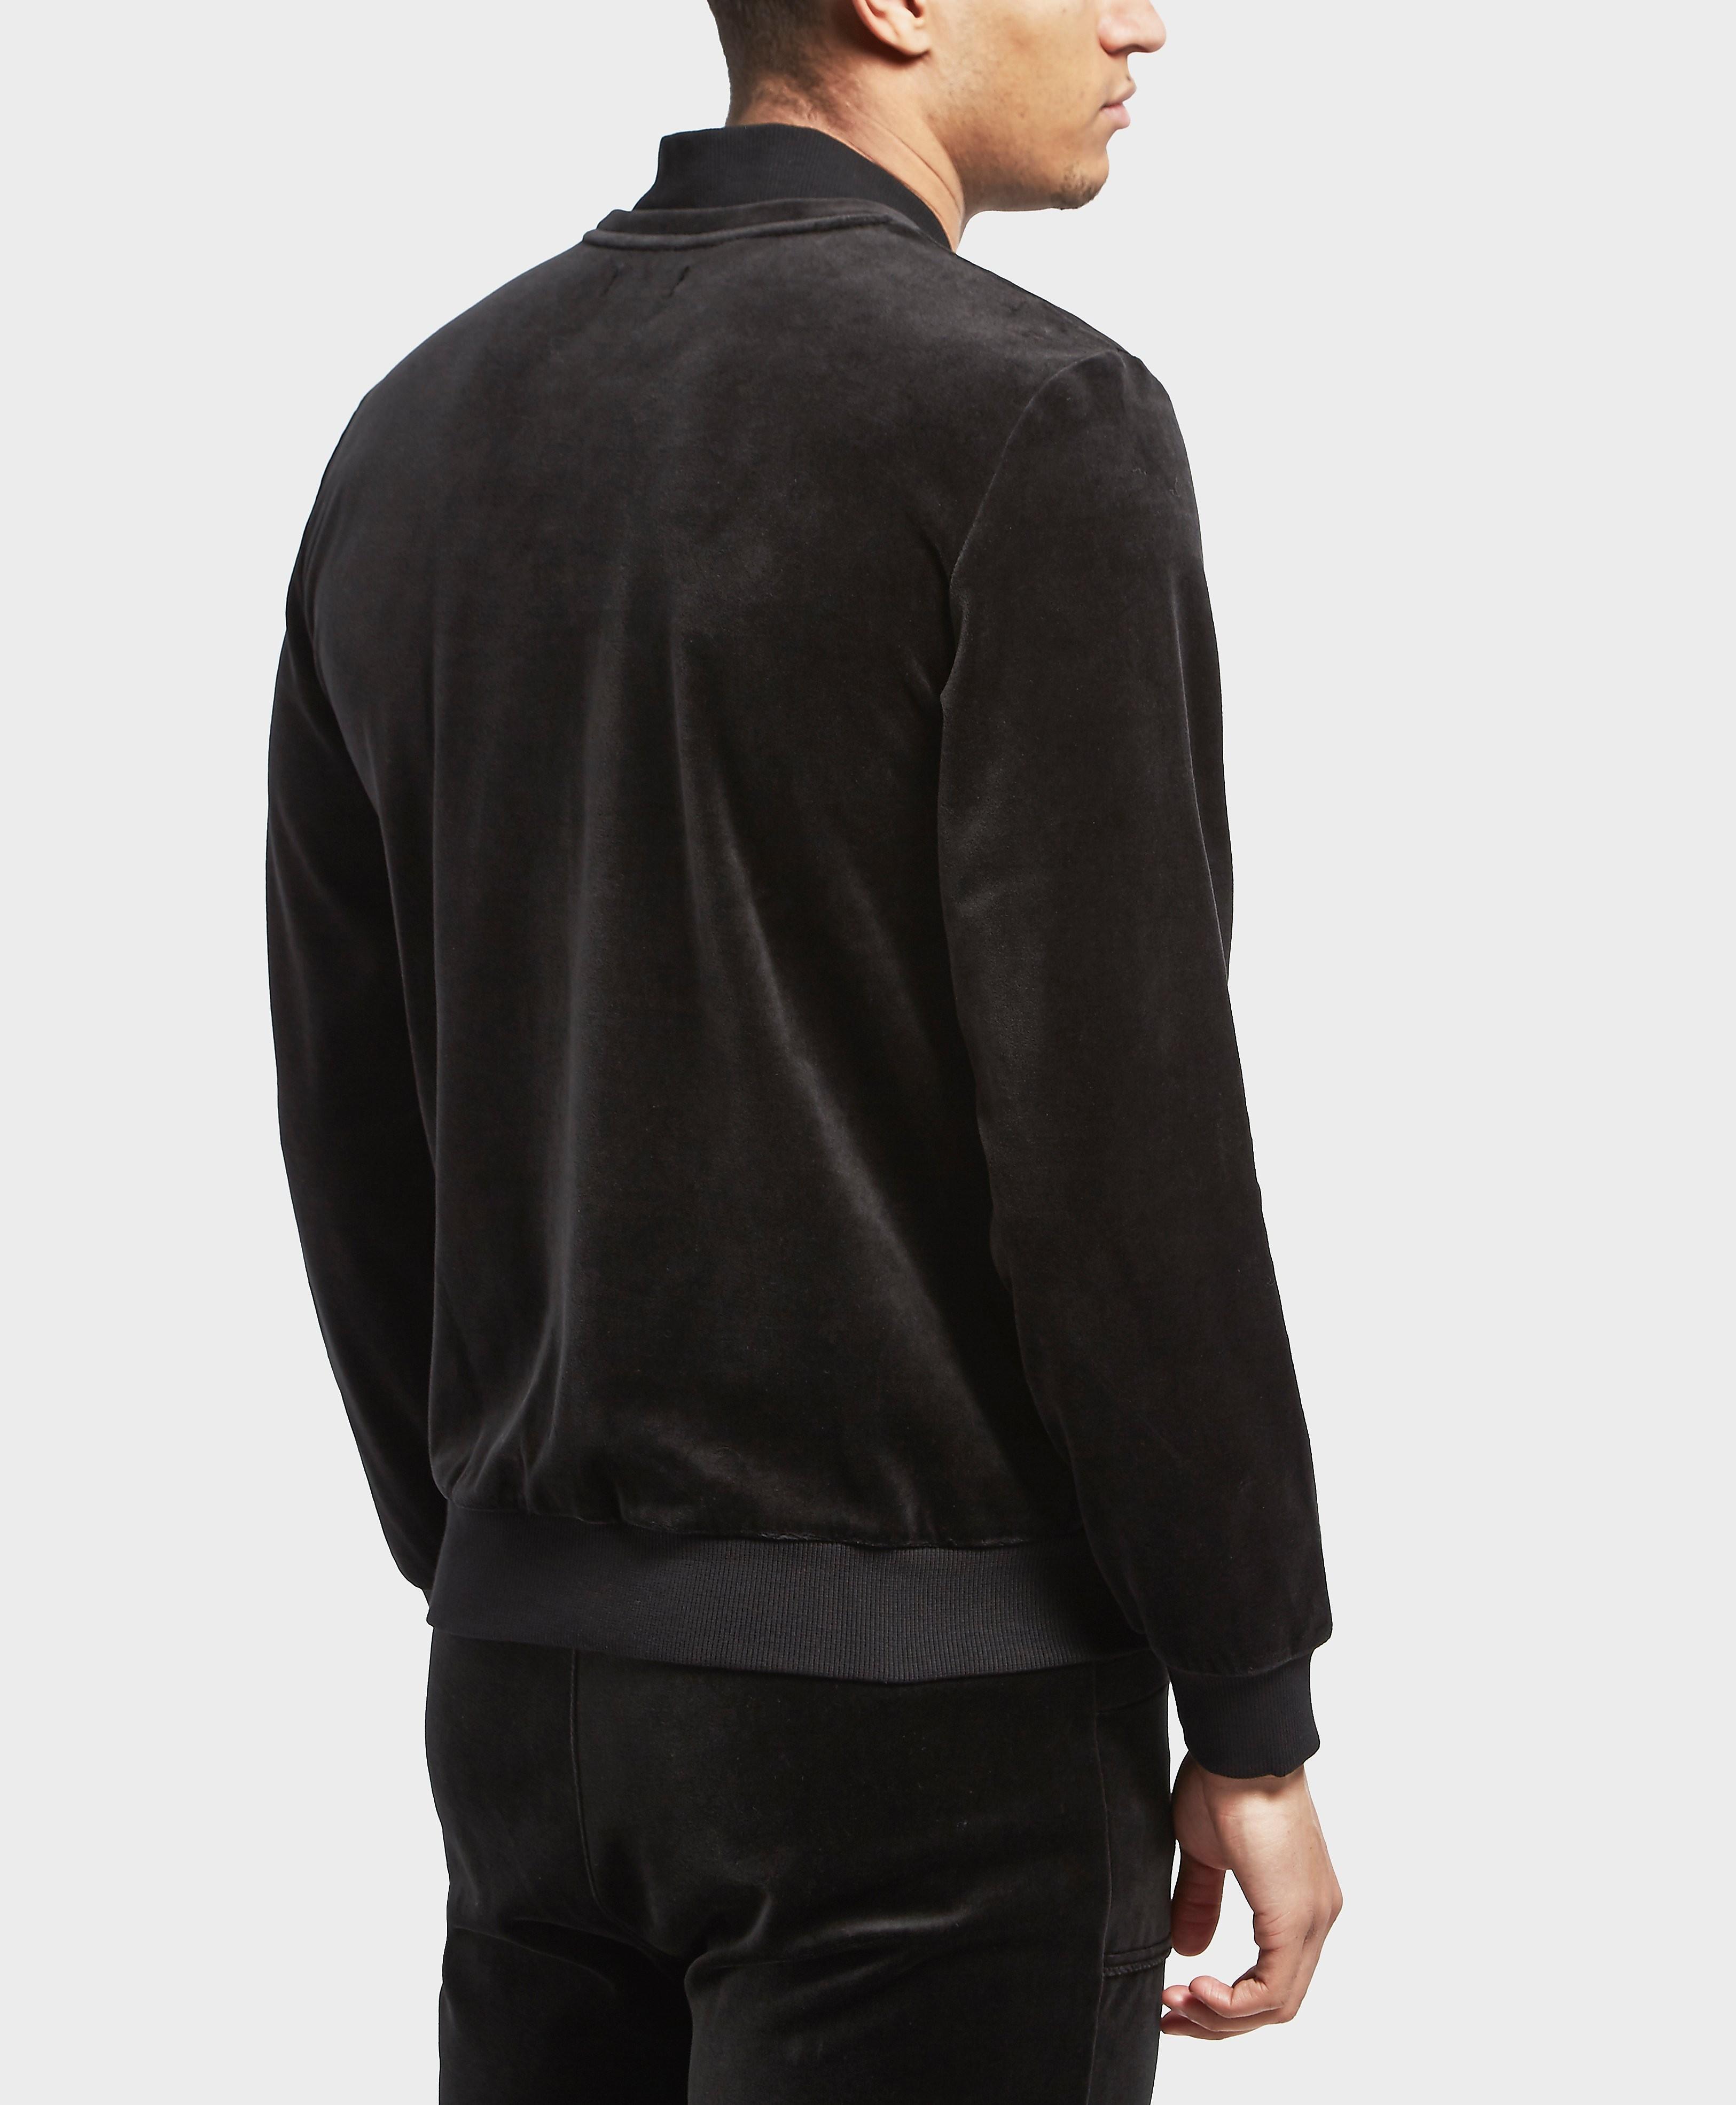 Emporio Armani Velour Sweatshirt